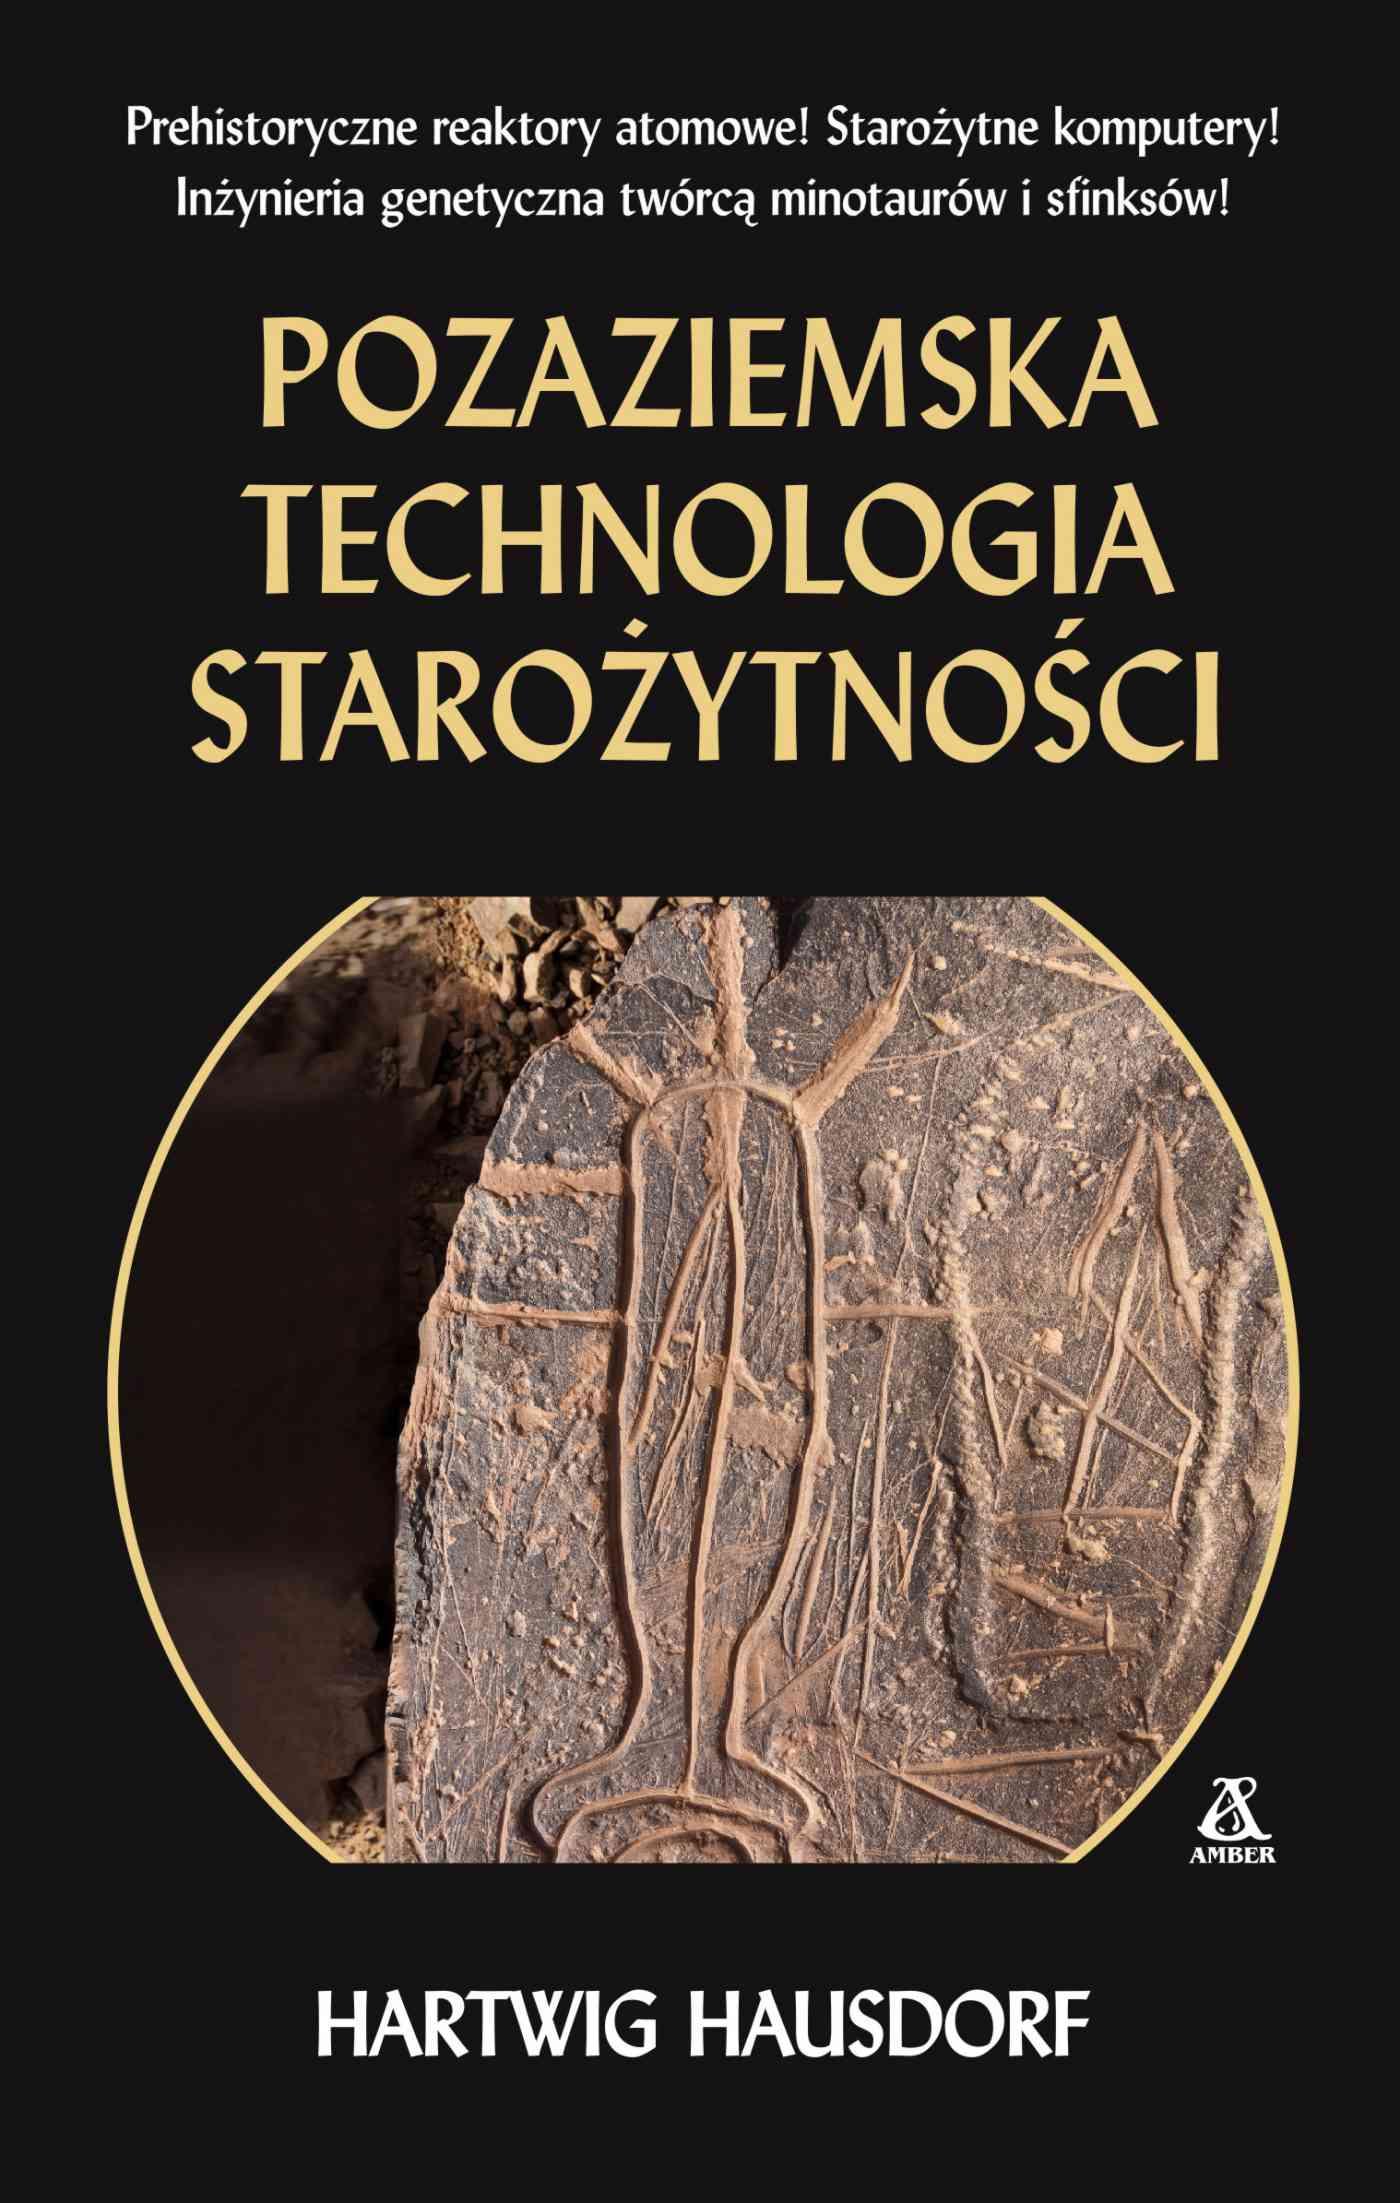 Pozaziemska technologia starożytności - Ebook (Książka na Kindle) do pobrania w formacie MOBI